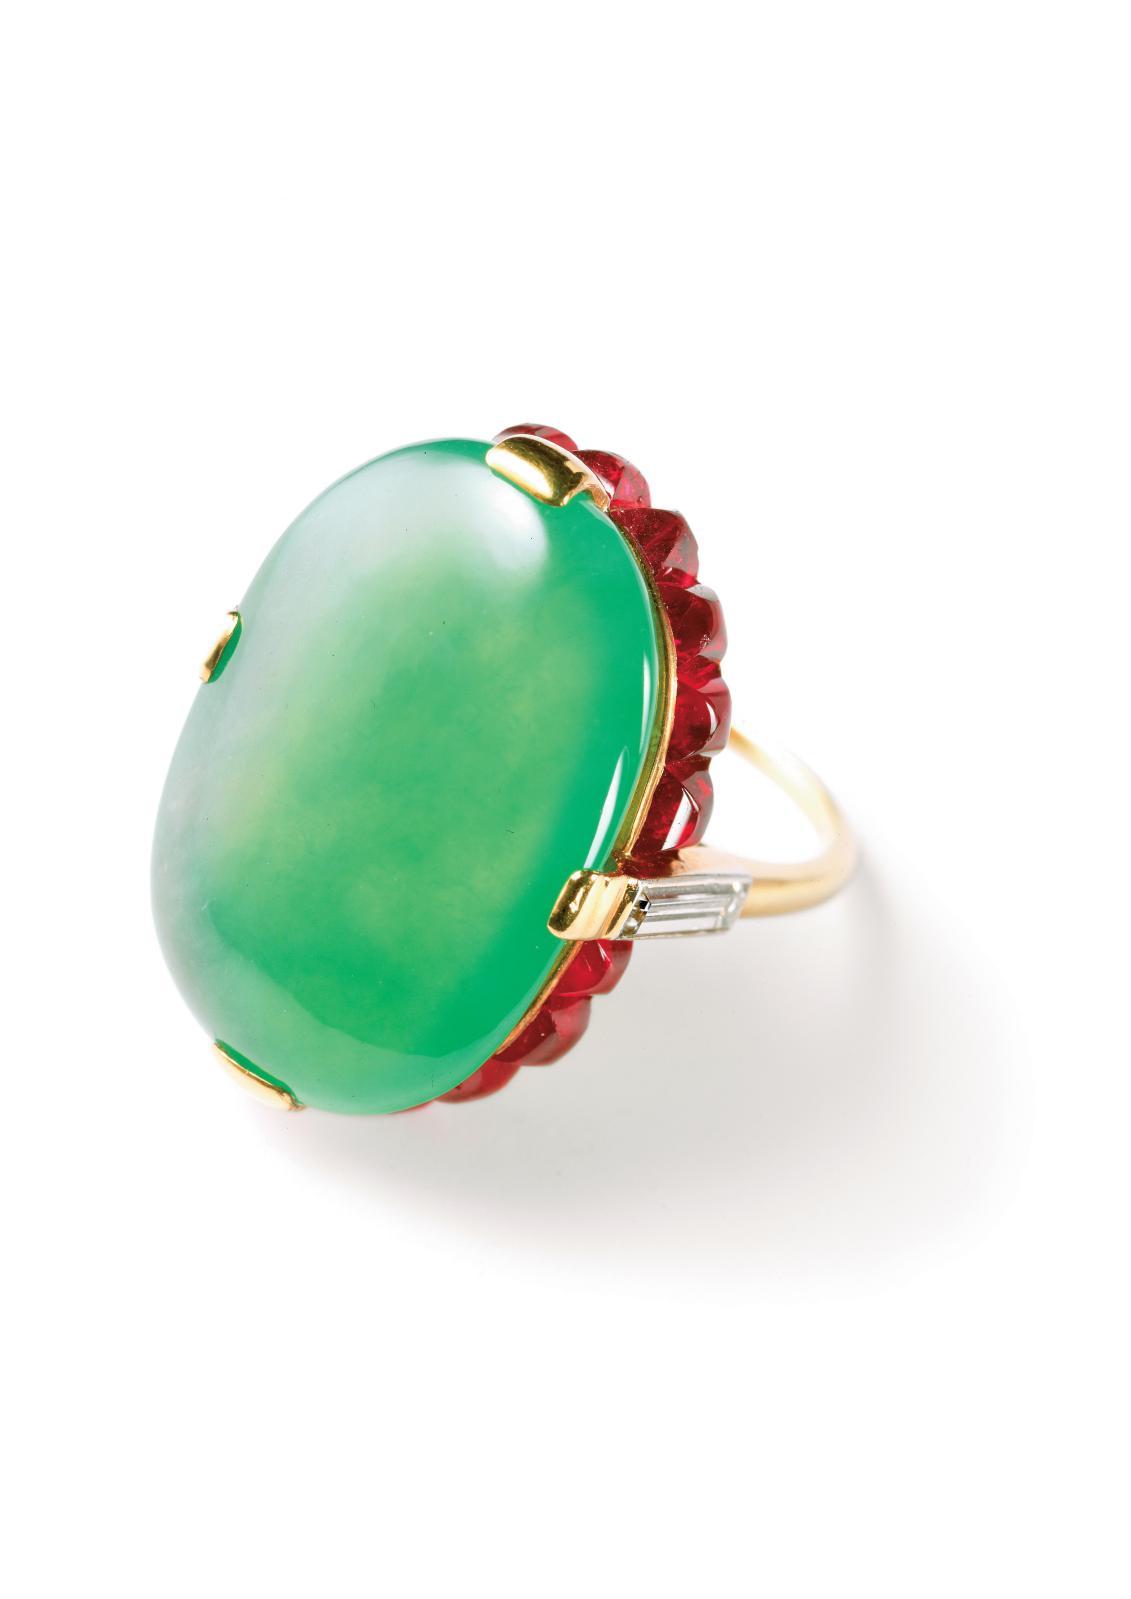 Cette bague fut réalisée par Cartier Paris en 1934, à la demande de Barbara Hutton. L'or jaune de l'anneau, les diamants taille baguette et les rubis